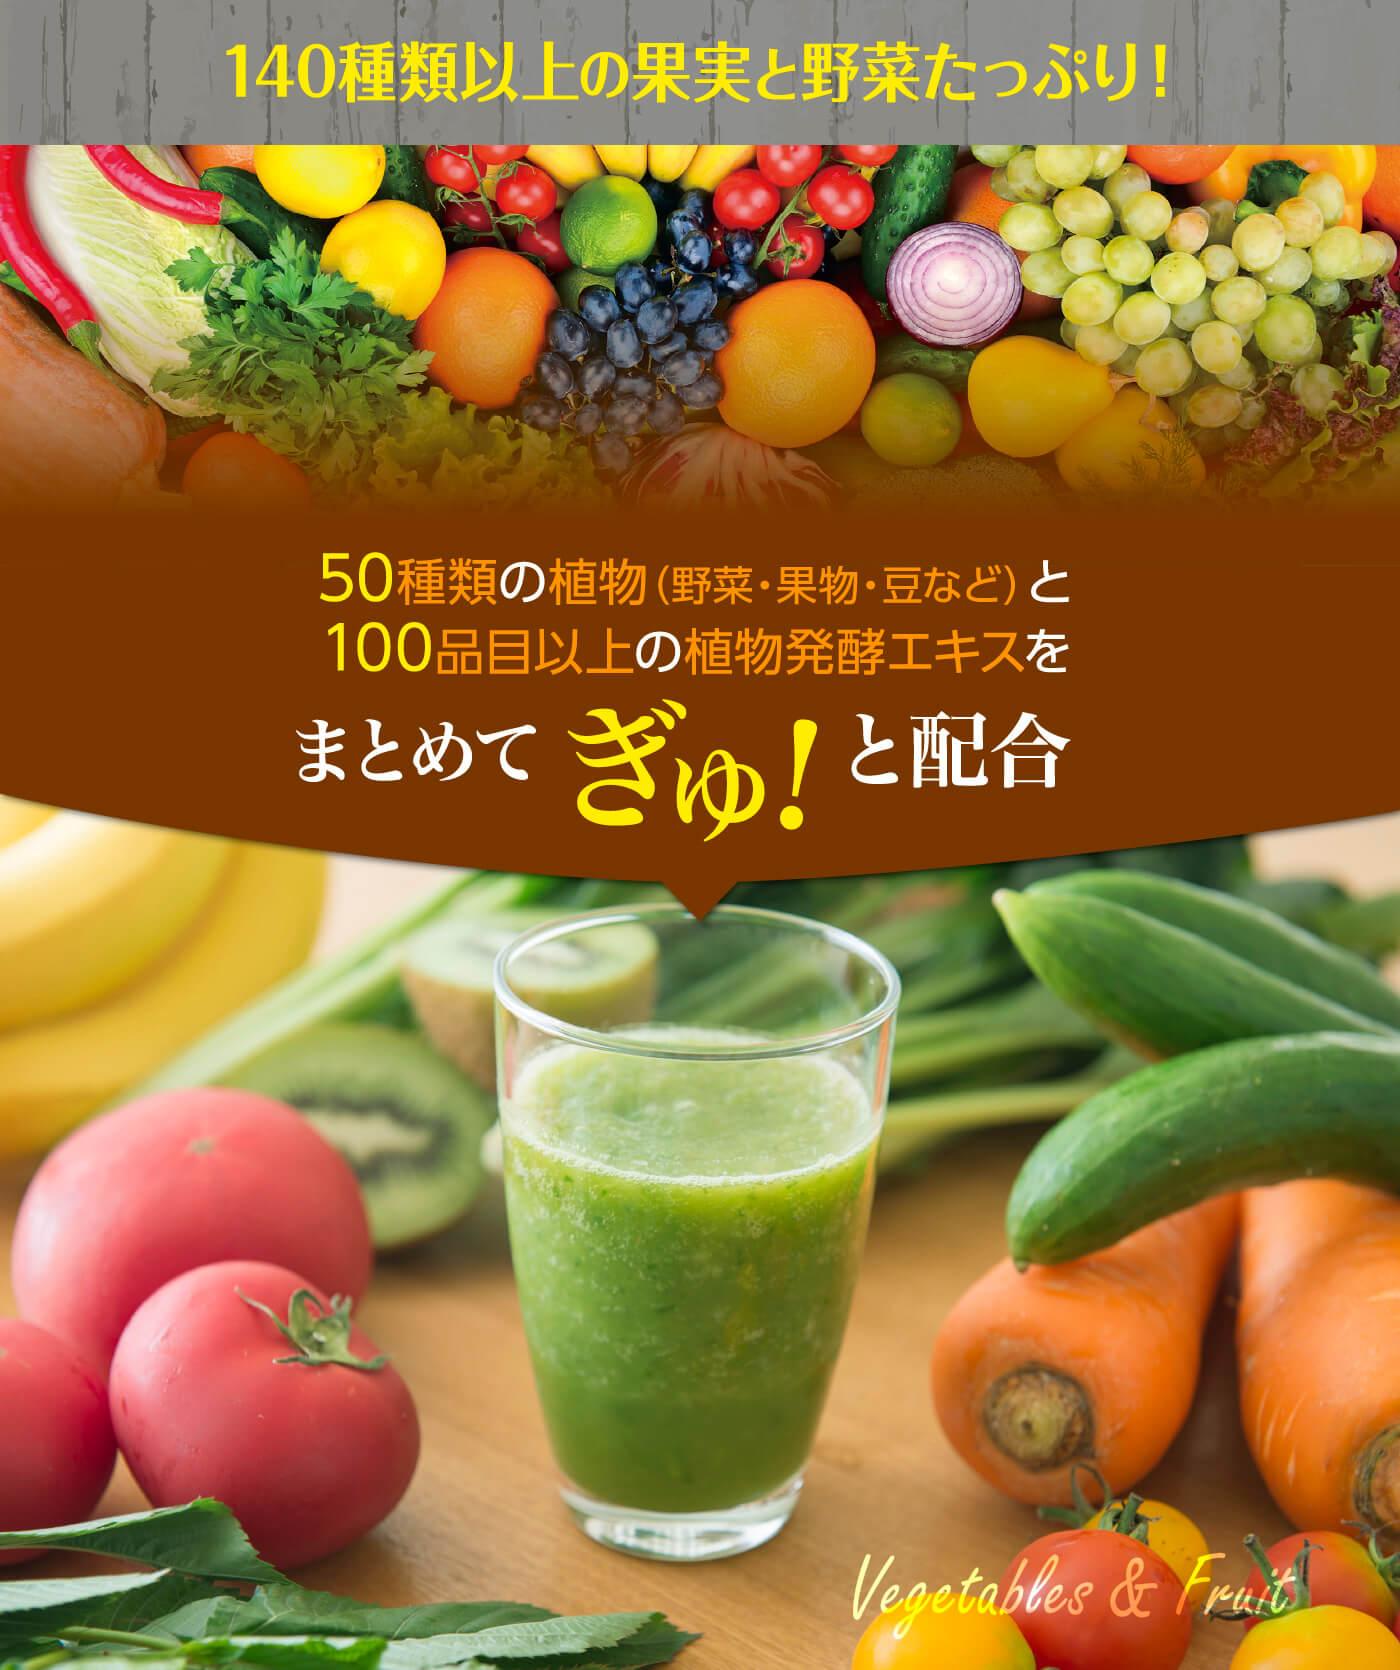 140種類以上の野菜と果実たっぷり